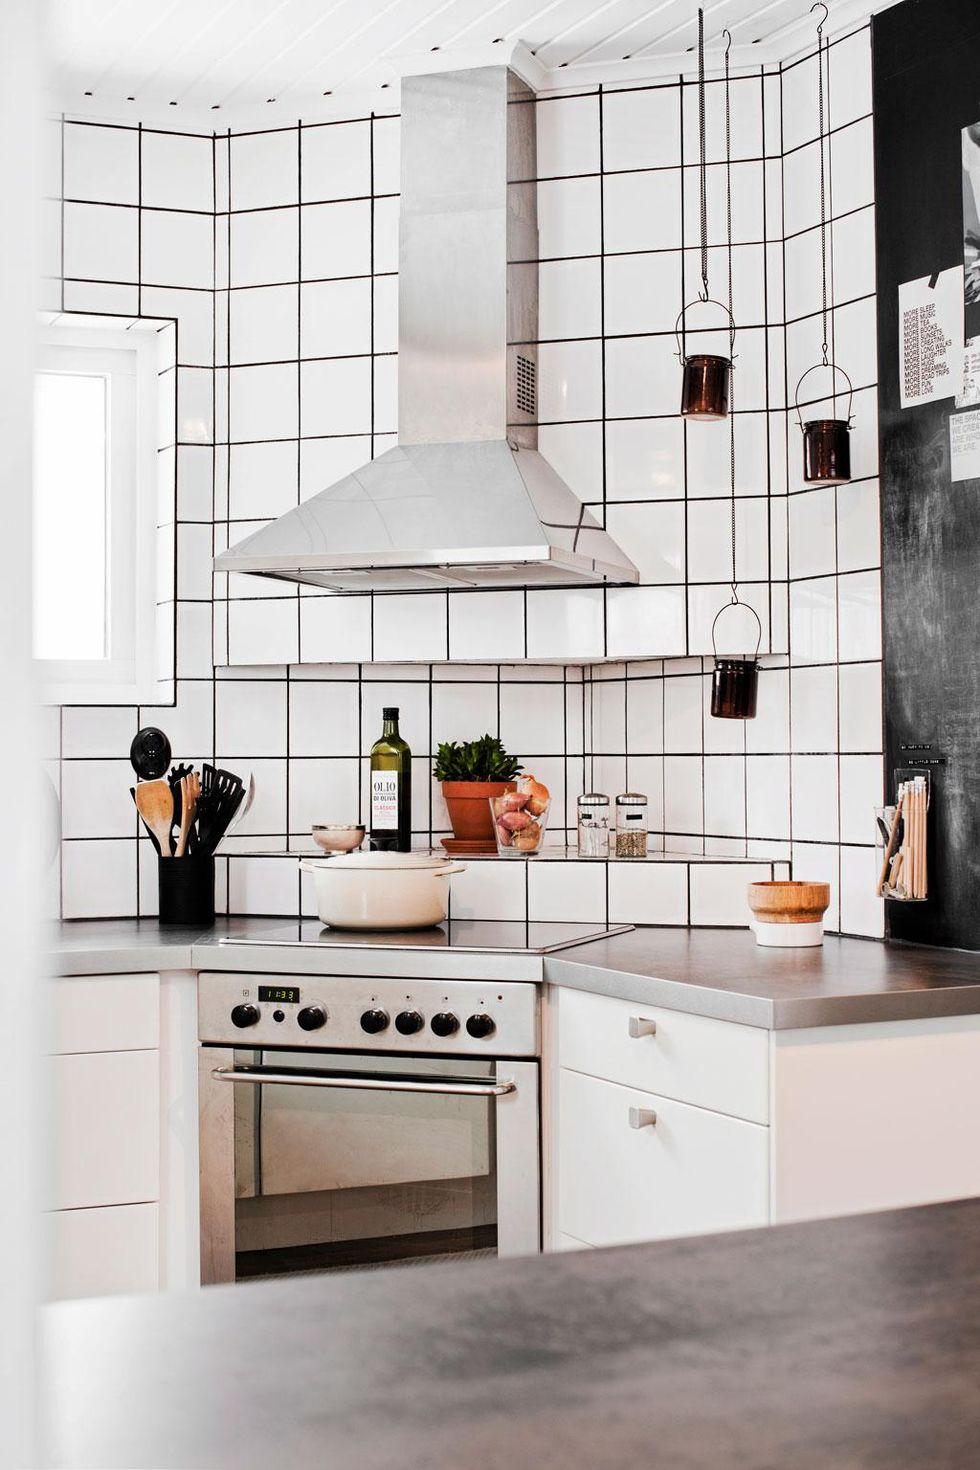 Duktig Kok Ikea : inspirationsbilder ikea kok  Lonade inspirationsbilder + vorat hem